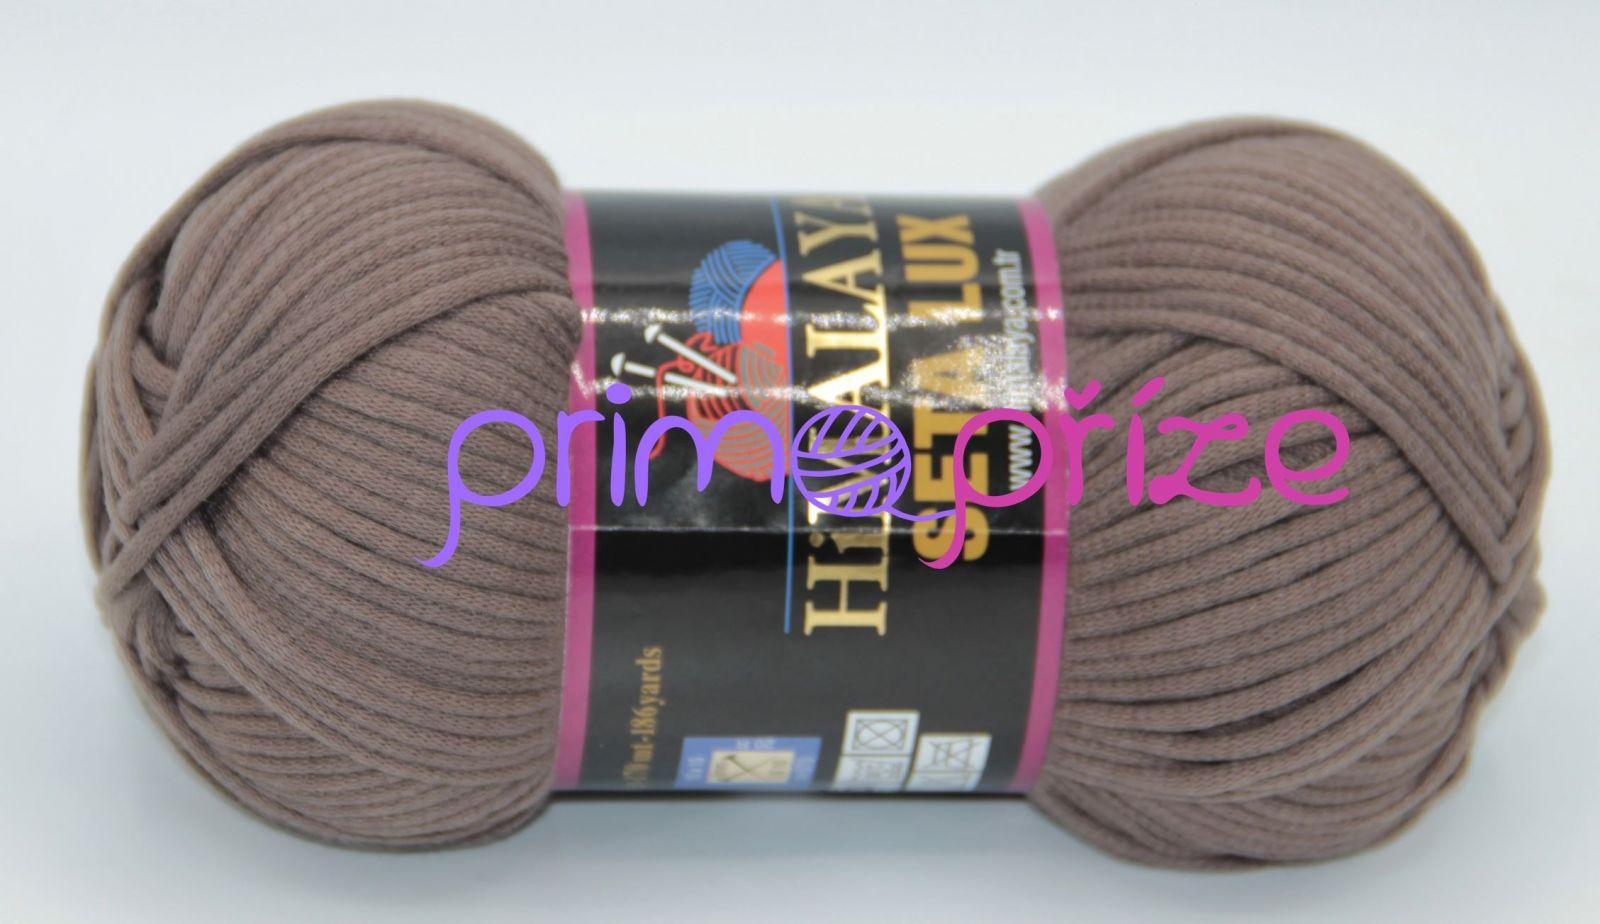 HIMALAYA Seta Lux (Silky Touch) 36 hnědá